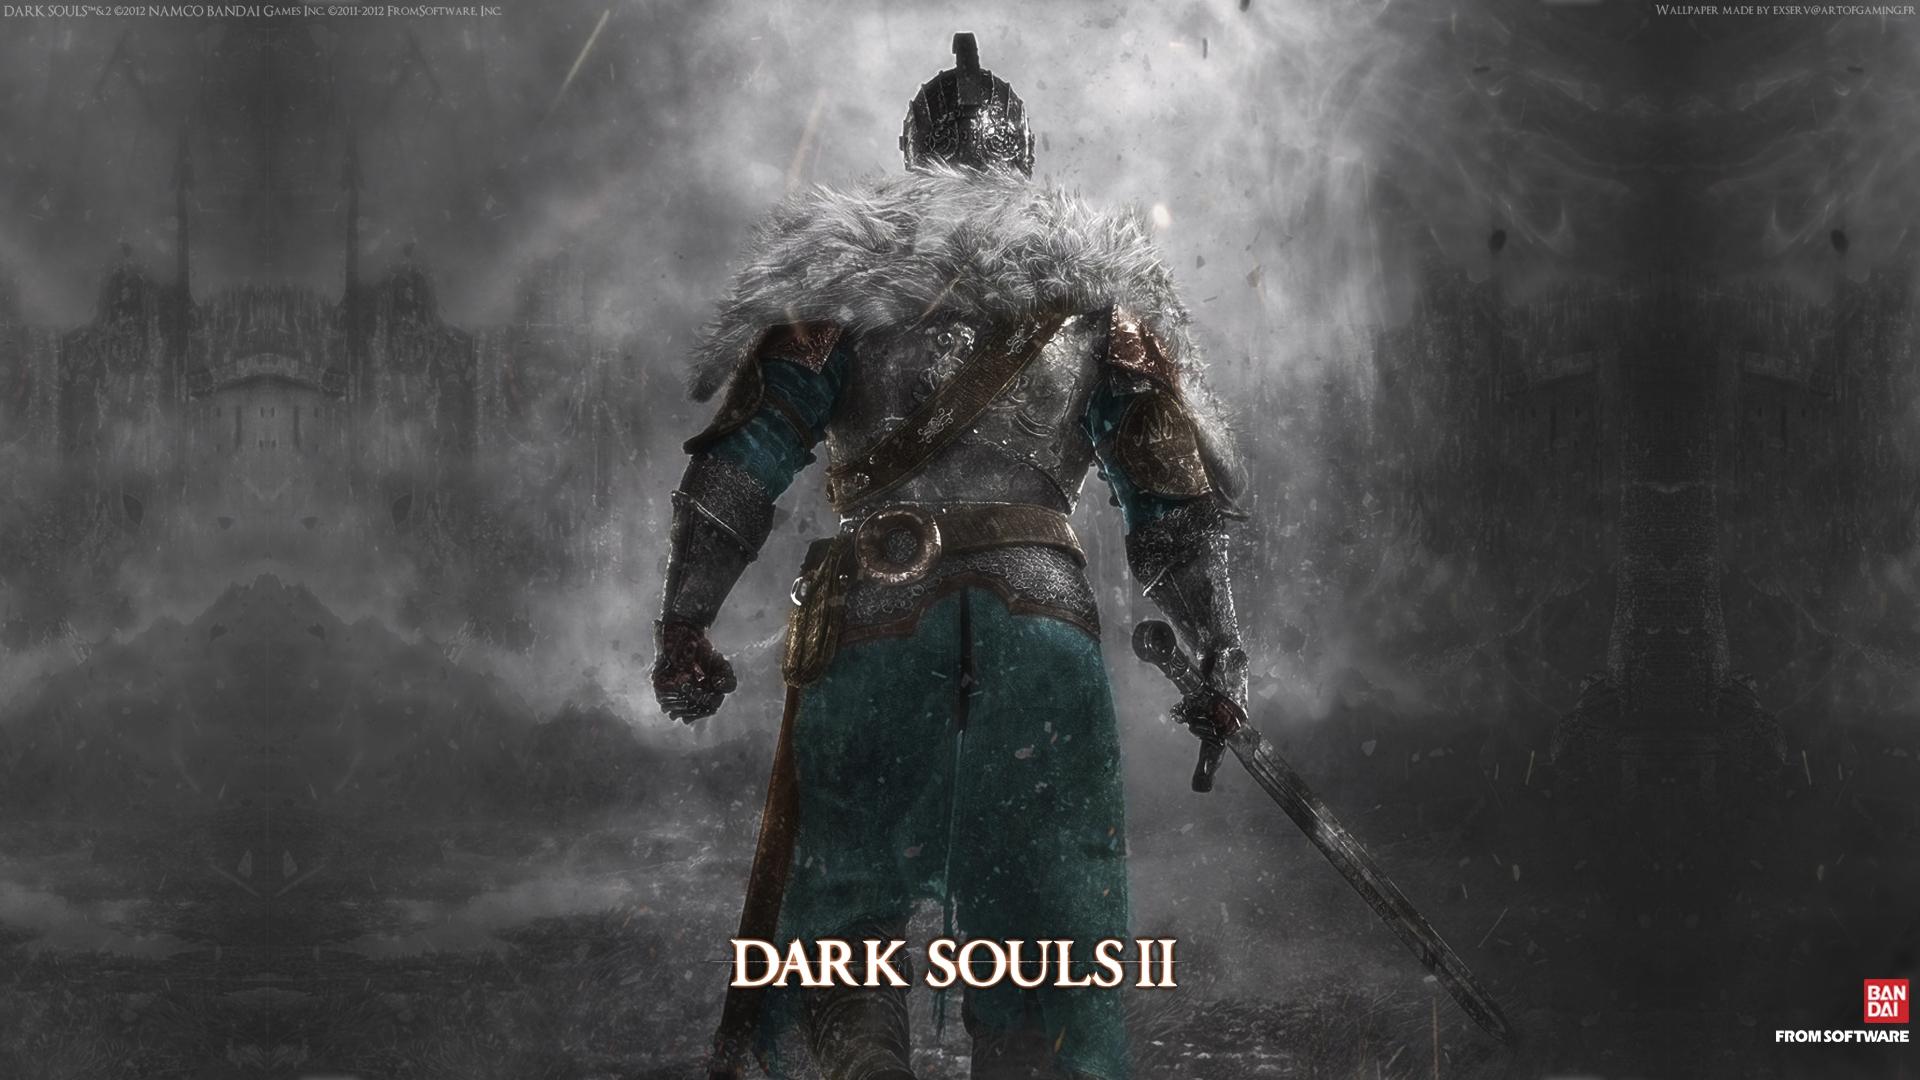 Dark Souls Ii: Dark Souls II Collector's Edition Guide Is 40% Off